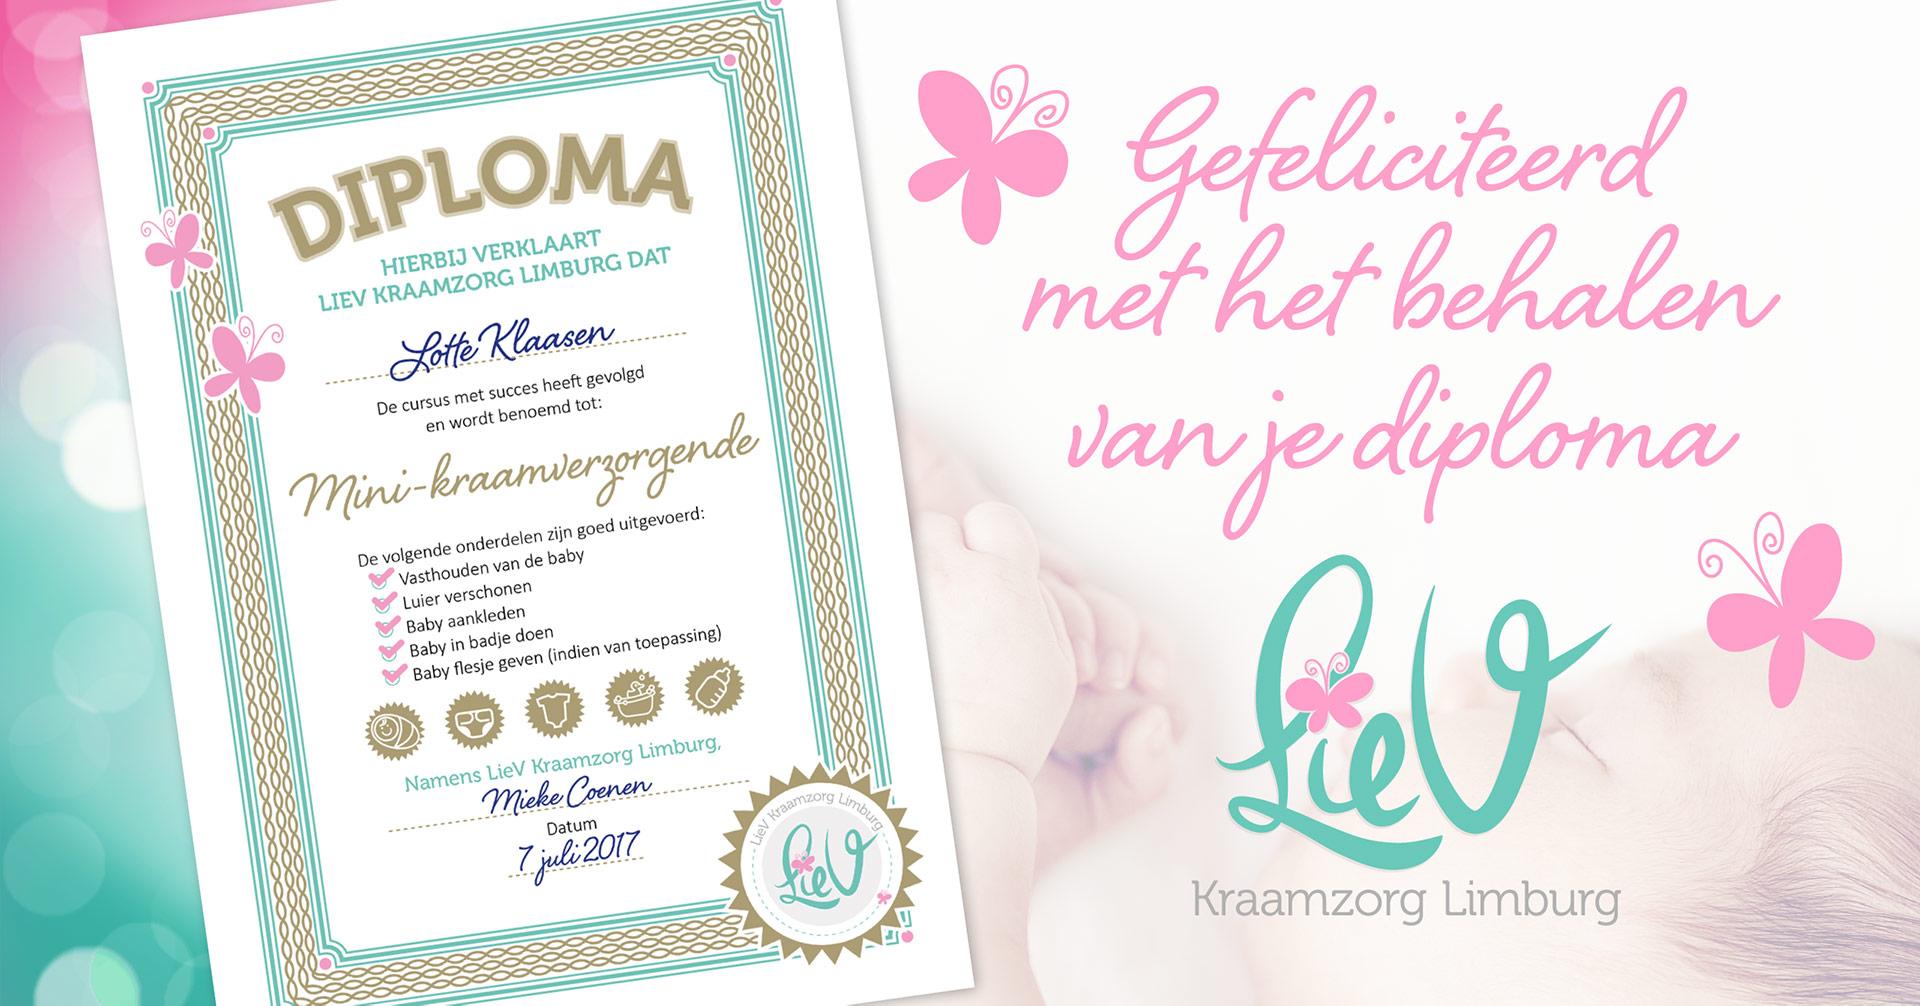 LieV Kraamzorg Limburg – Diploma